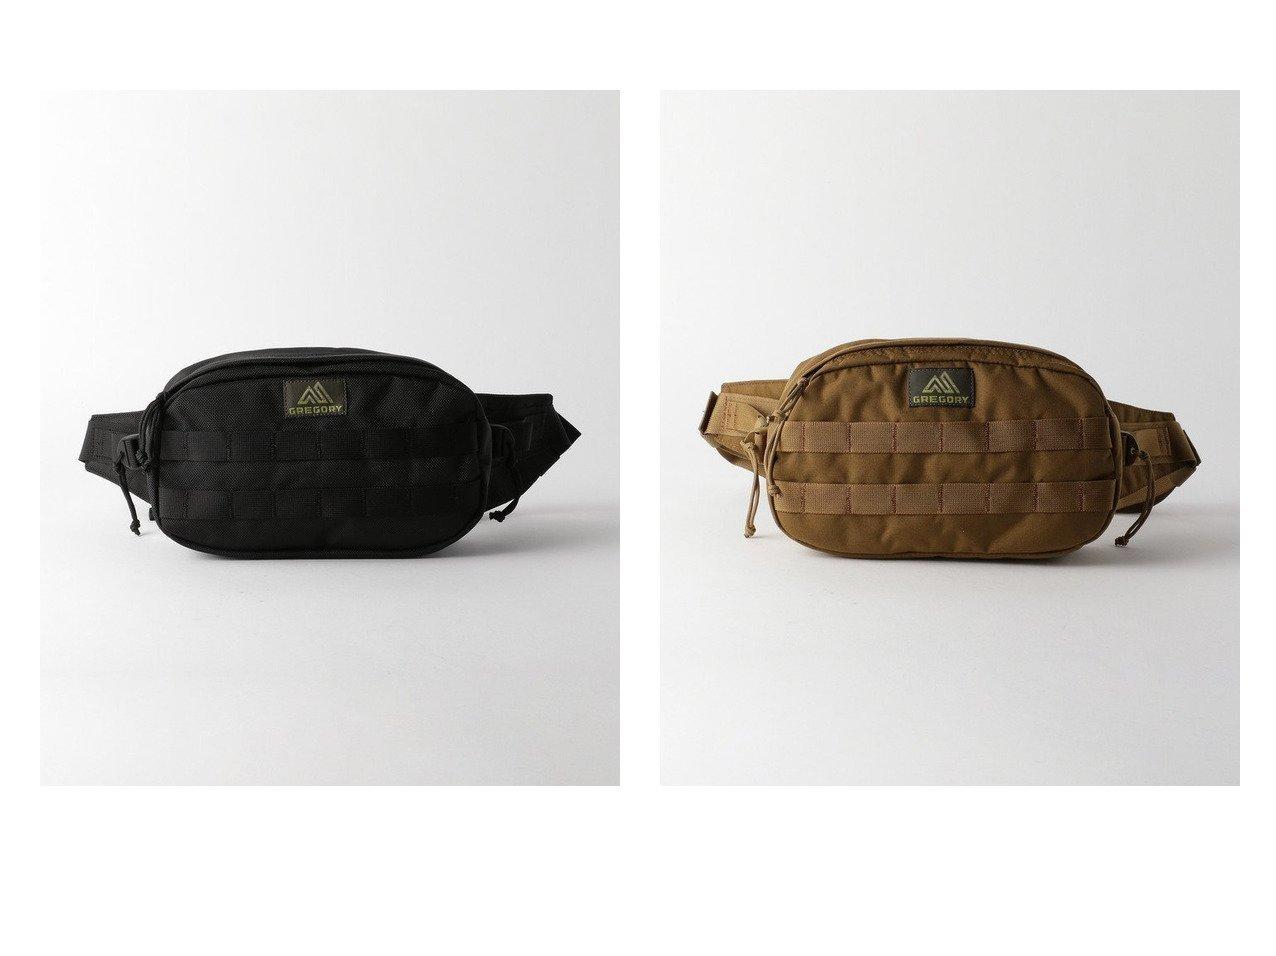 【BEAUTY&YOUTH UNITED ARROWS/ビューティアンド ユースユナイテッドアローズ】のバッグ UNITED ARROWSのおすすめ!人気、トレンド・レディースファッションの通販 おすすめで人気の流行・トレンド、ファッションの通販商品 メンズファッション・キッズファッション・インテリア・家具・レディースファッション・服の通販 founy(ファニー) https://founy.com/ ファッション Fashion レディースファッション WOMEN バッグ Bag ポーチ Pouches アウトドア カリフォルニア フィット ミリタリー |ID:crp329100000020563